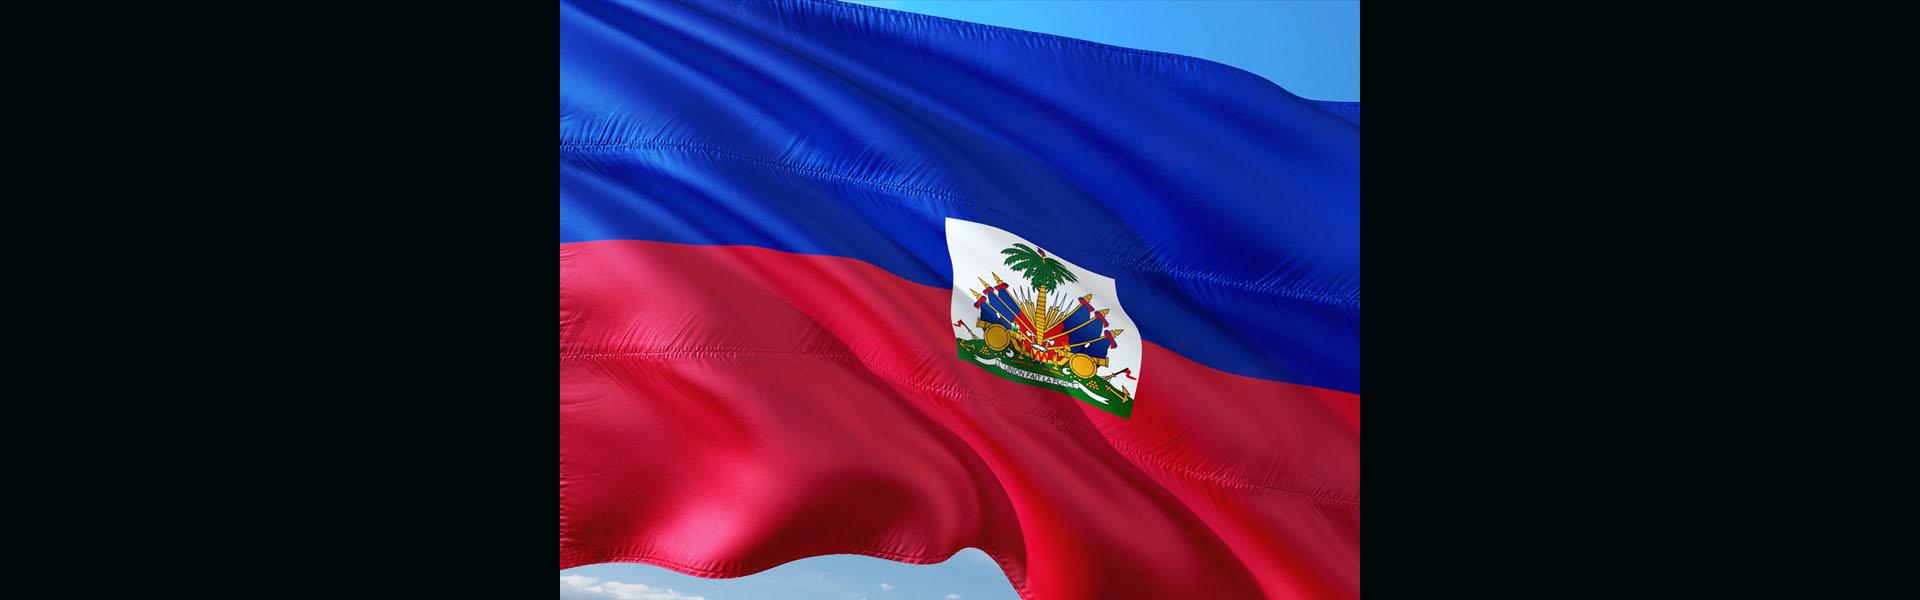 Assassinat du président Moïse en Haïti – Réaction des jésuites